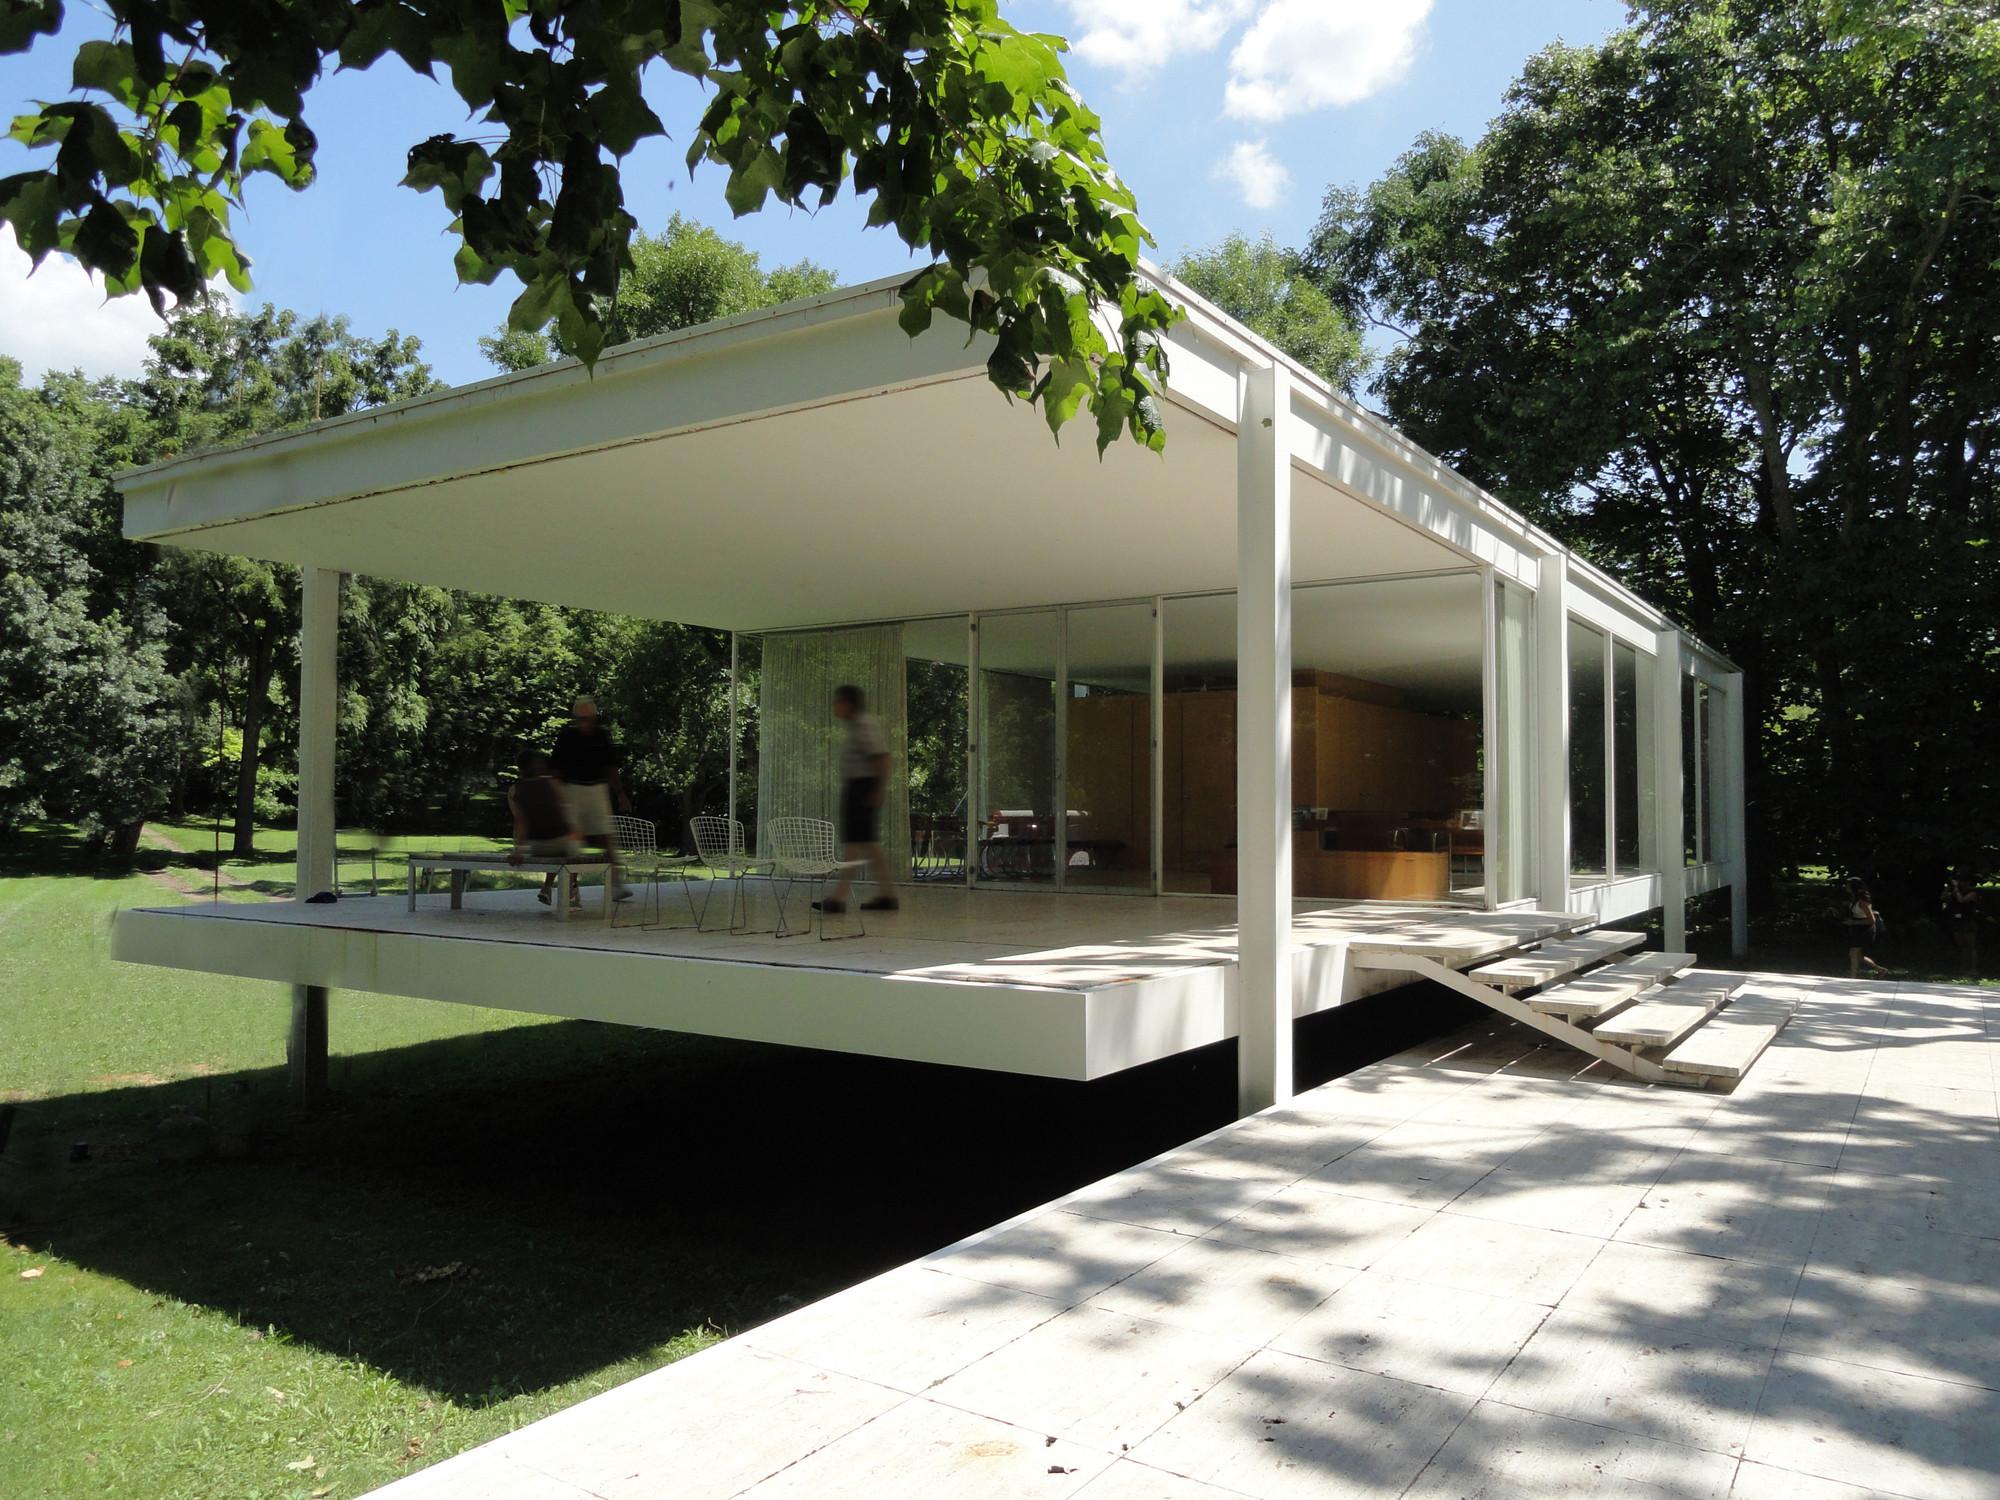 Detalle de ordenación de unidades absolutas de piso, cubierta y columna, verano de 2011. Image Cortesia de Juan Fernando Valencia